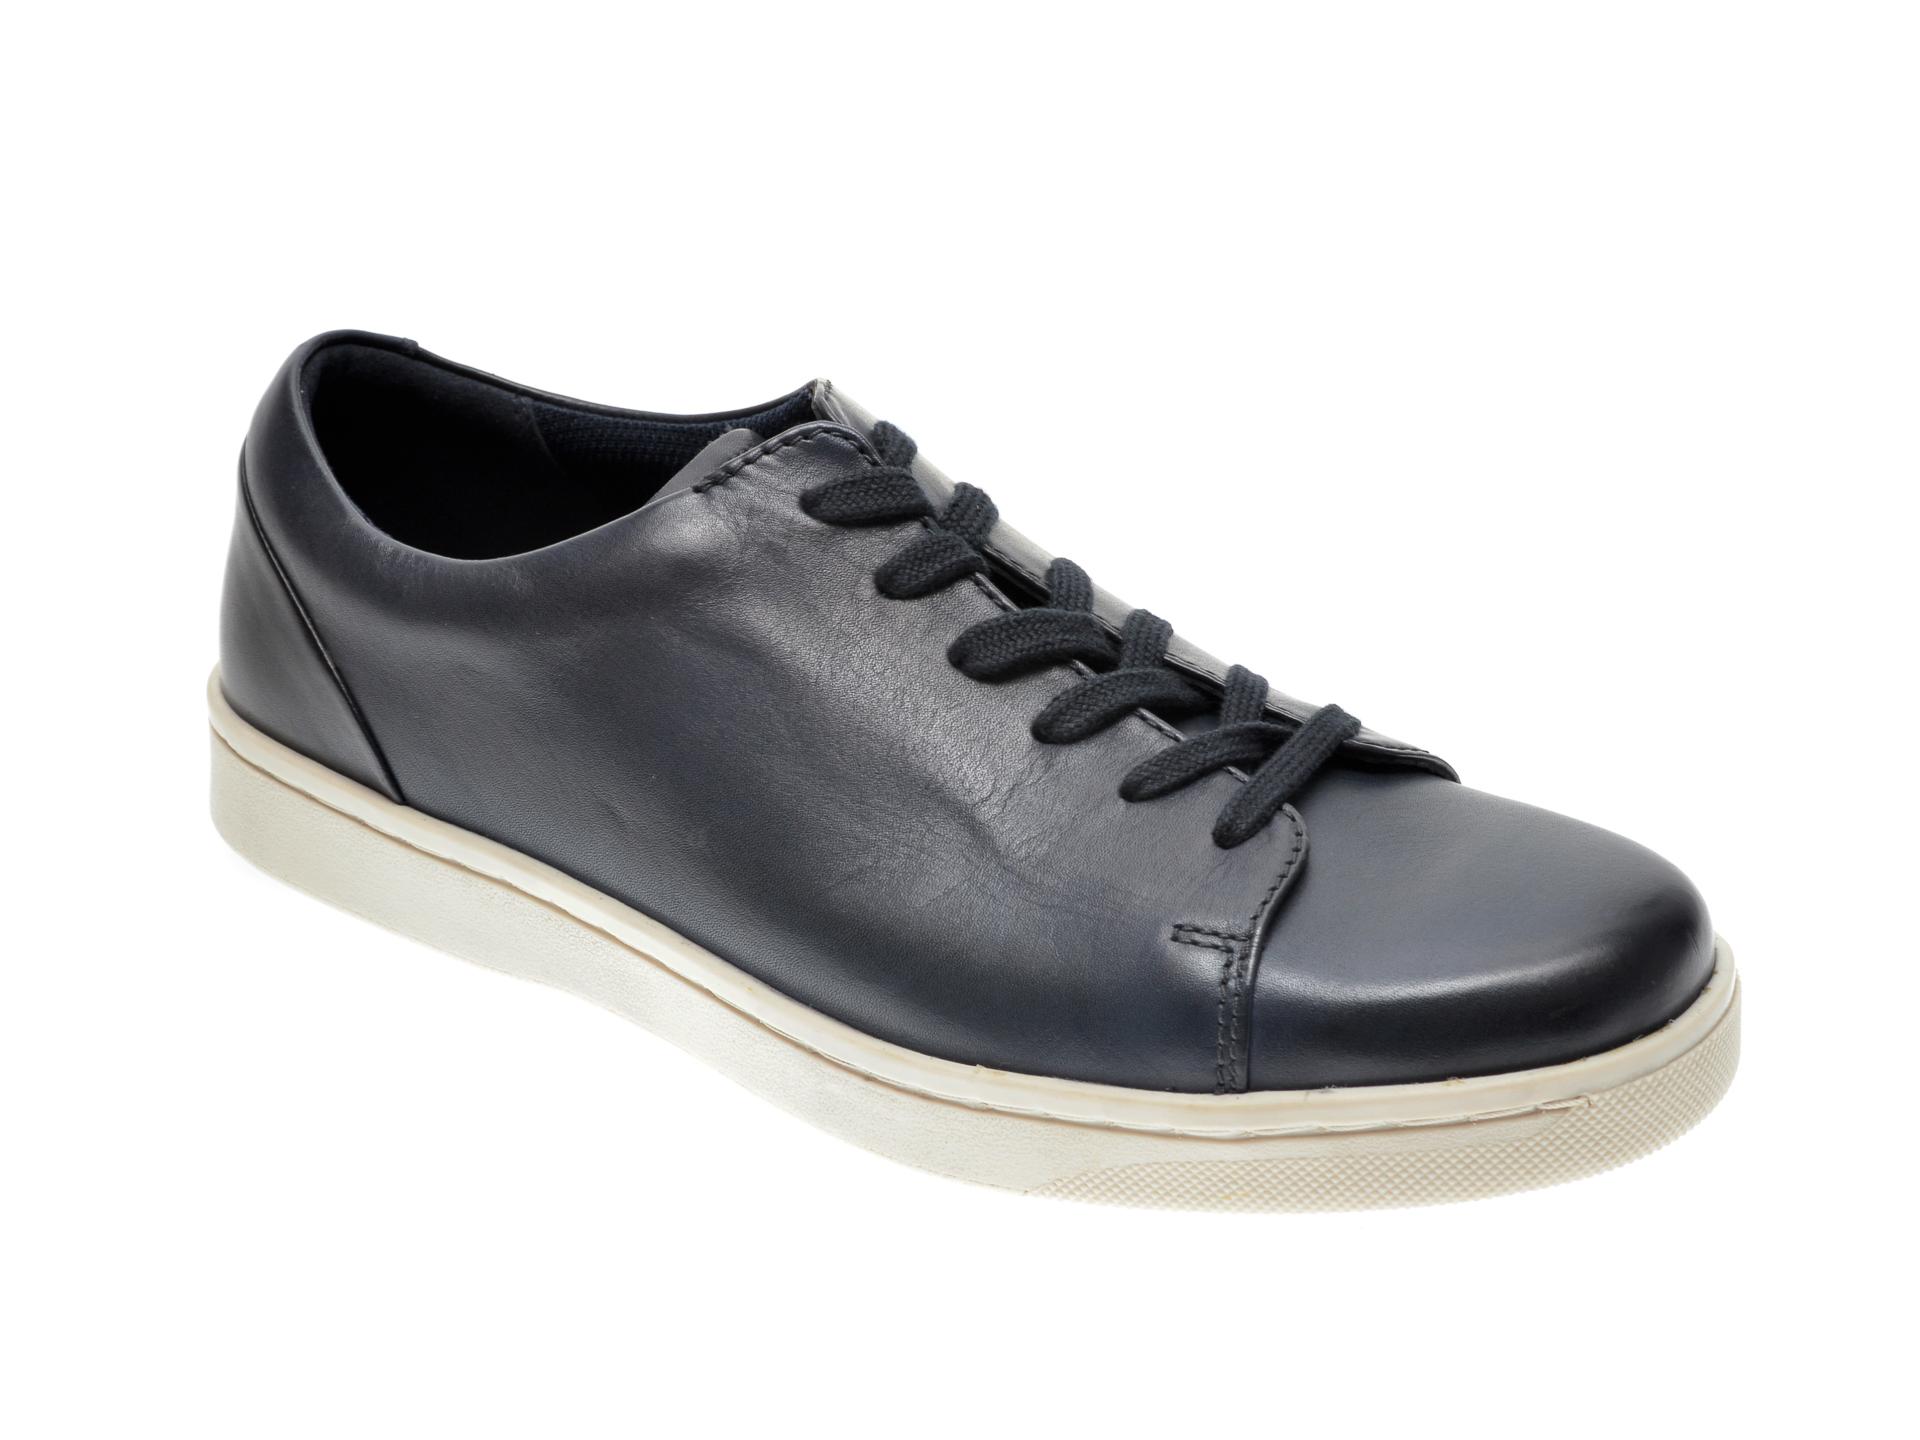 Pantofi CLARKS bleumarin, KITNA LO, din piele naturala